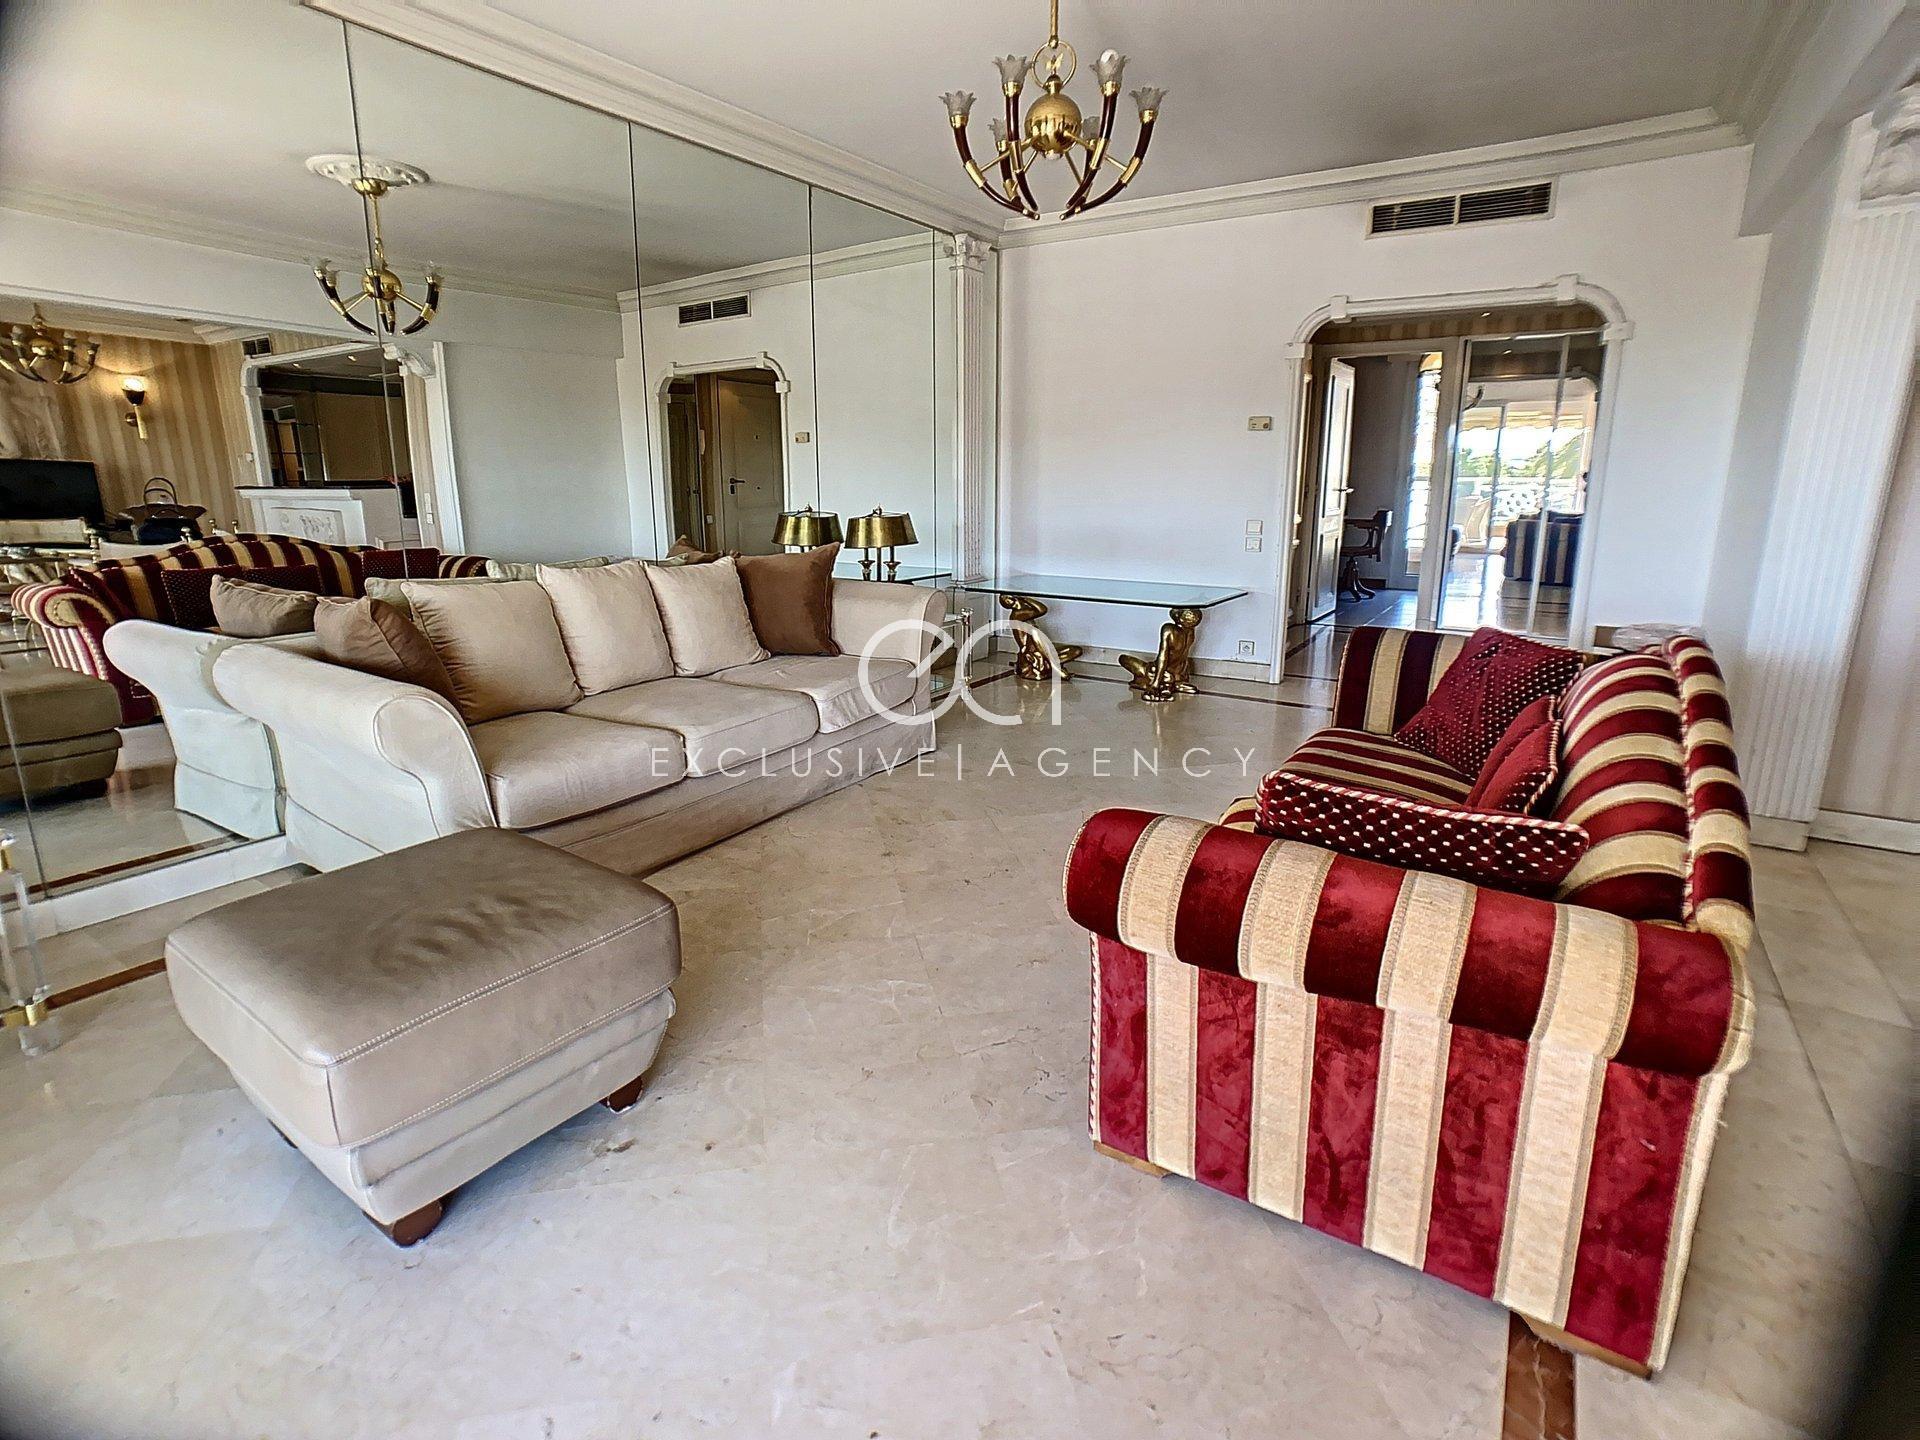 Golfe Juan location meublée, appartement 4 pièces 100m² avec terrasse vue mer.